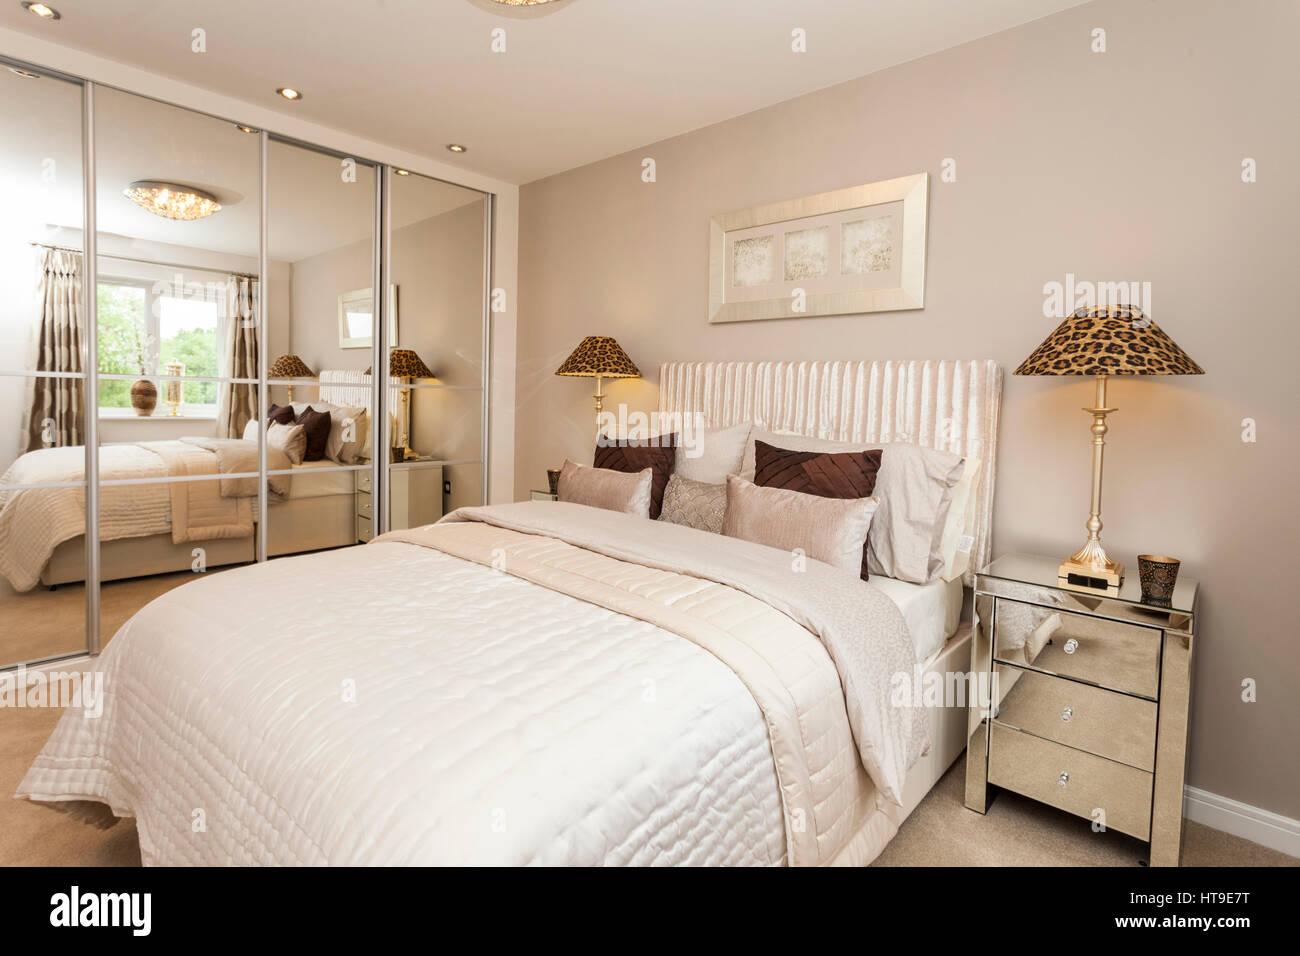 Wohngebäude, Schlafzimmer, Weiß, Beige, Creme, Neutrale Farben,  Verspiegelte Schränke, Spiegelschränke Am Krankenbett,